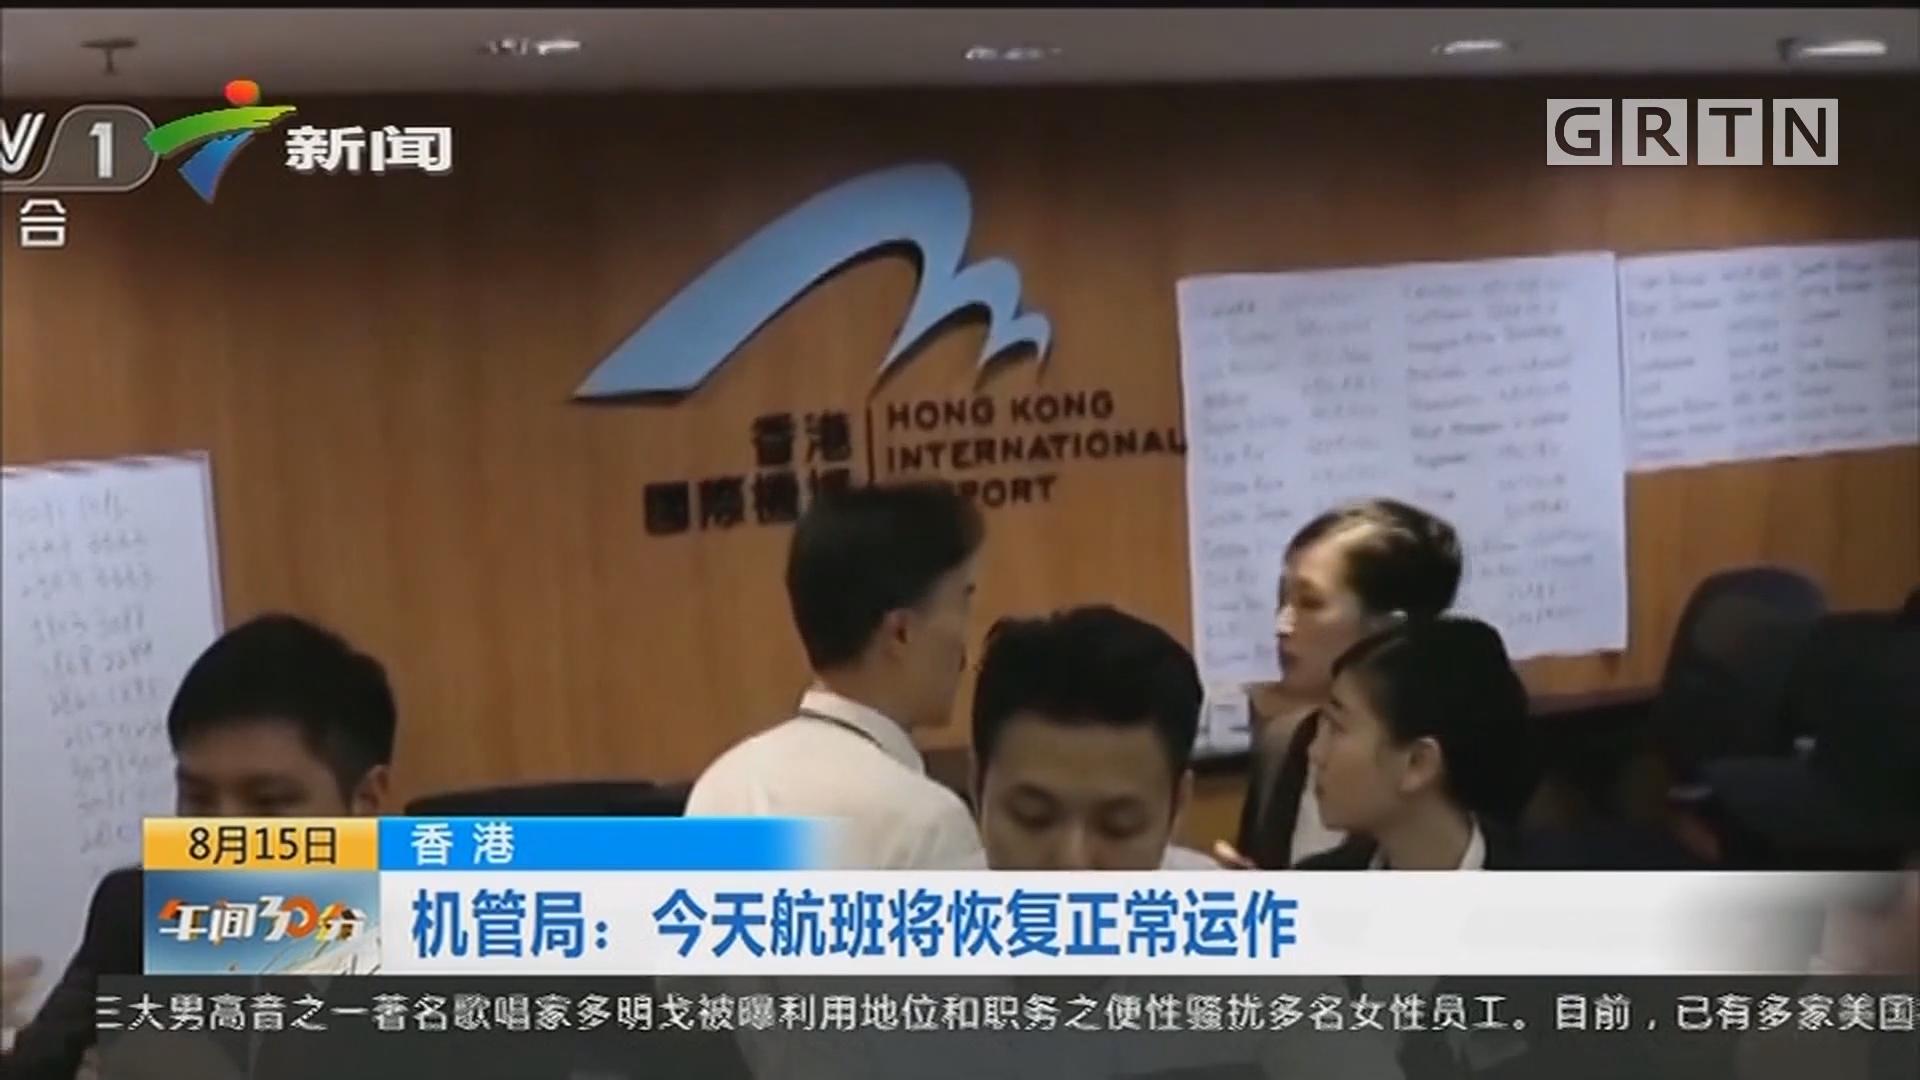 香港 機管局:今天航班將恢復正常運作